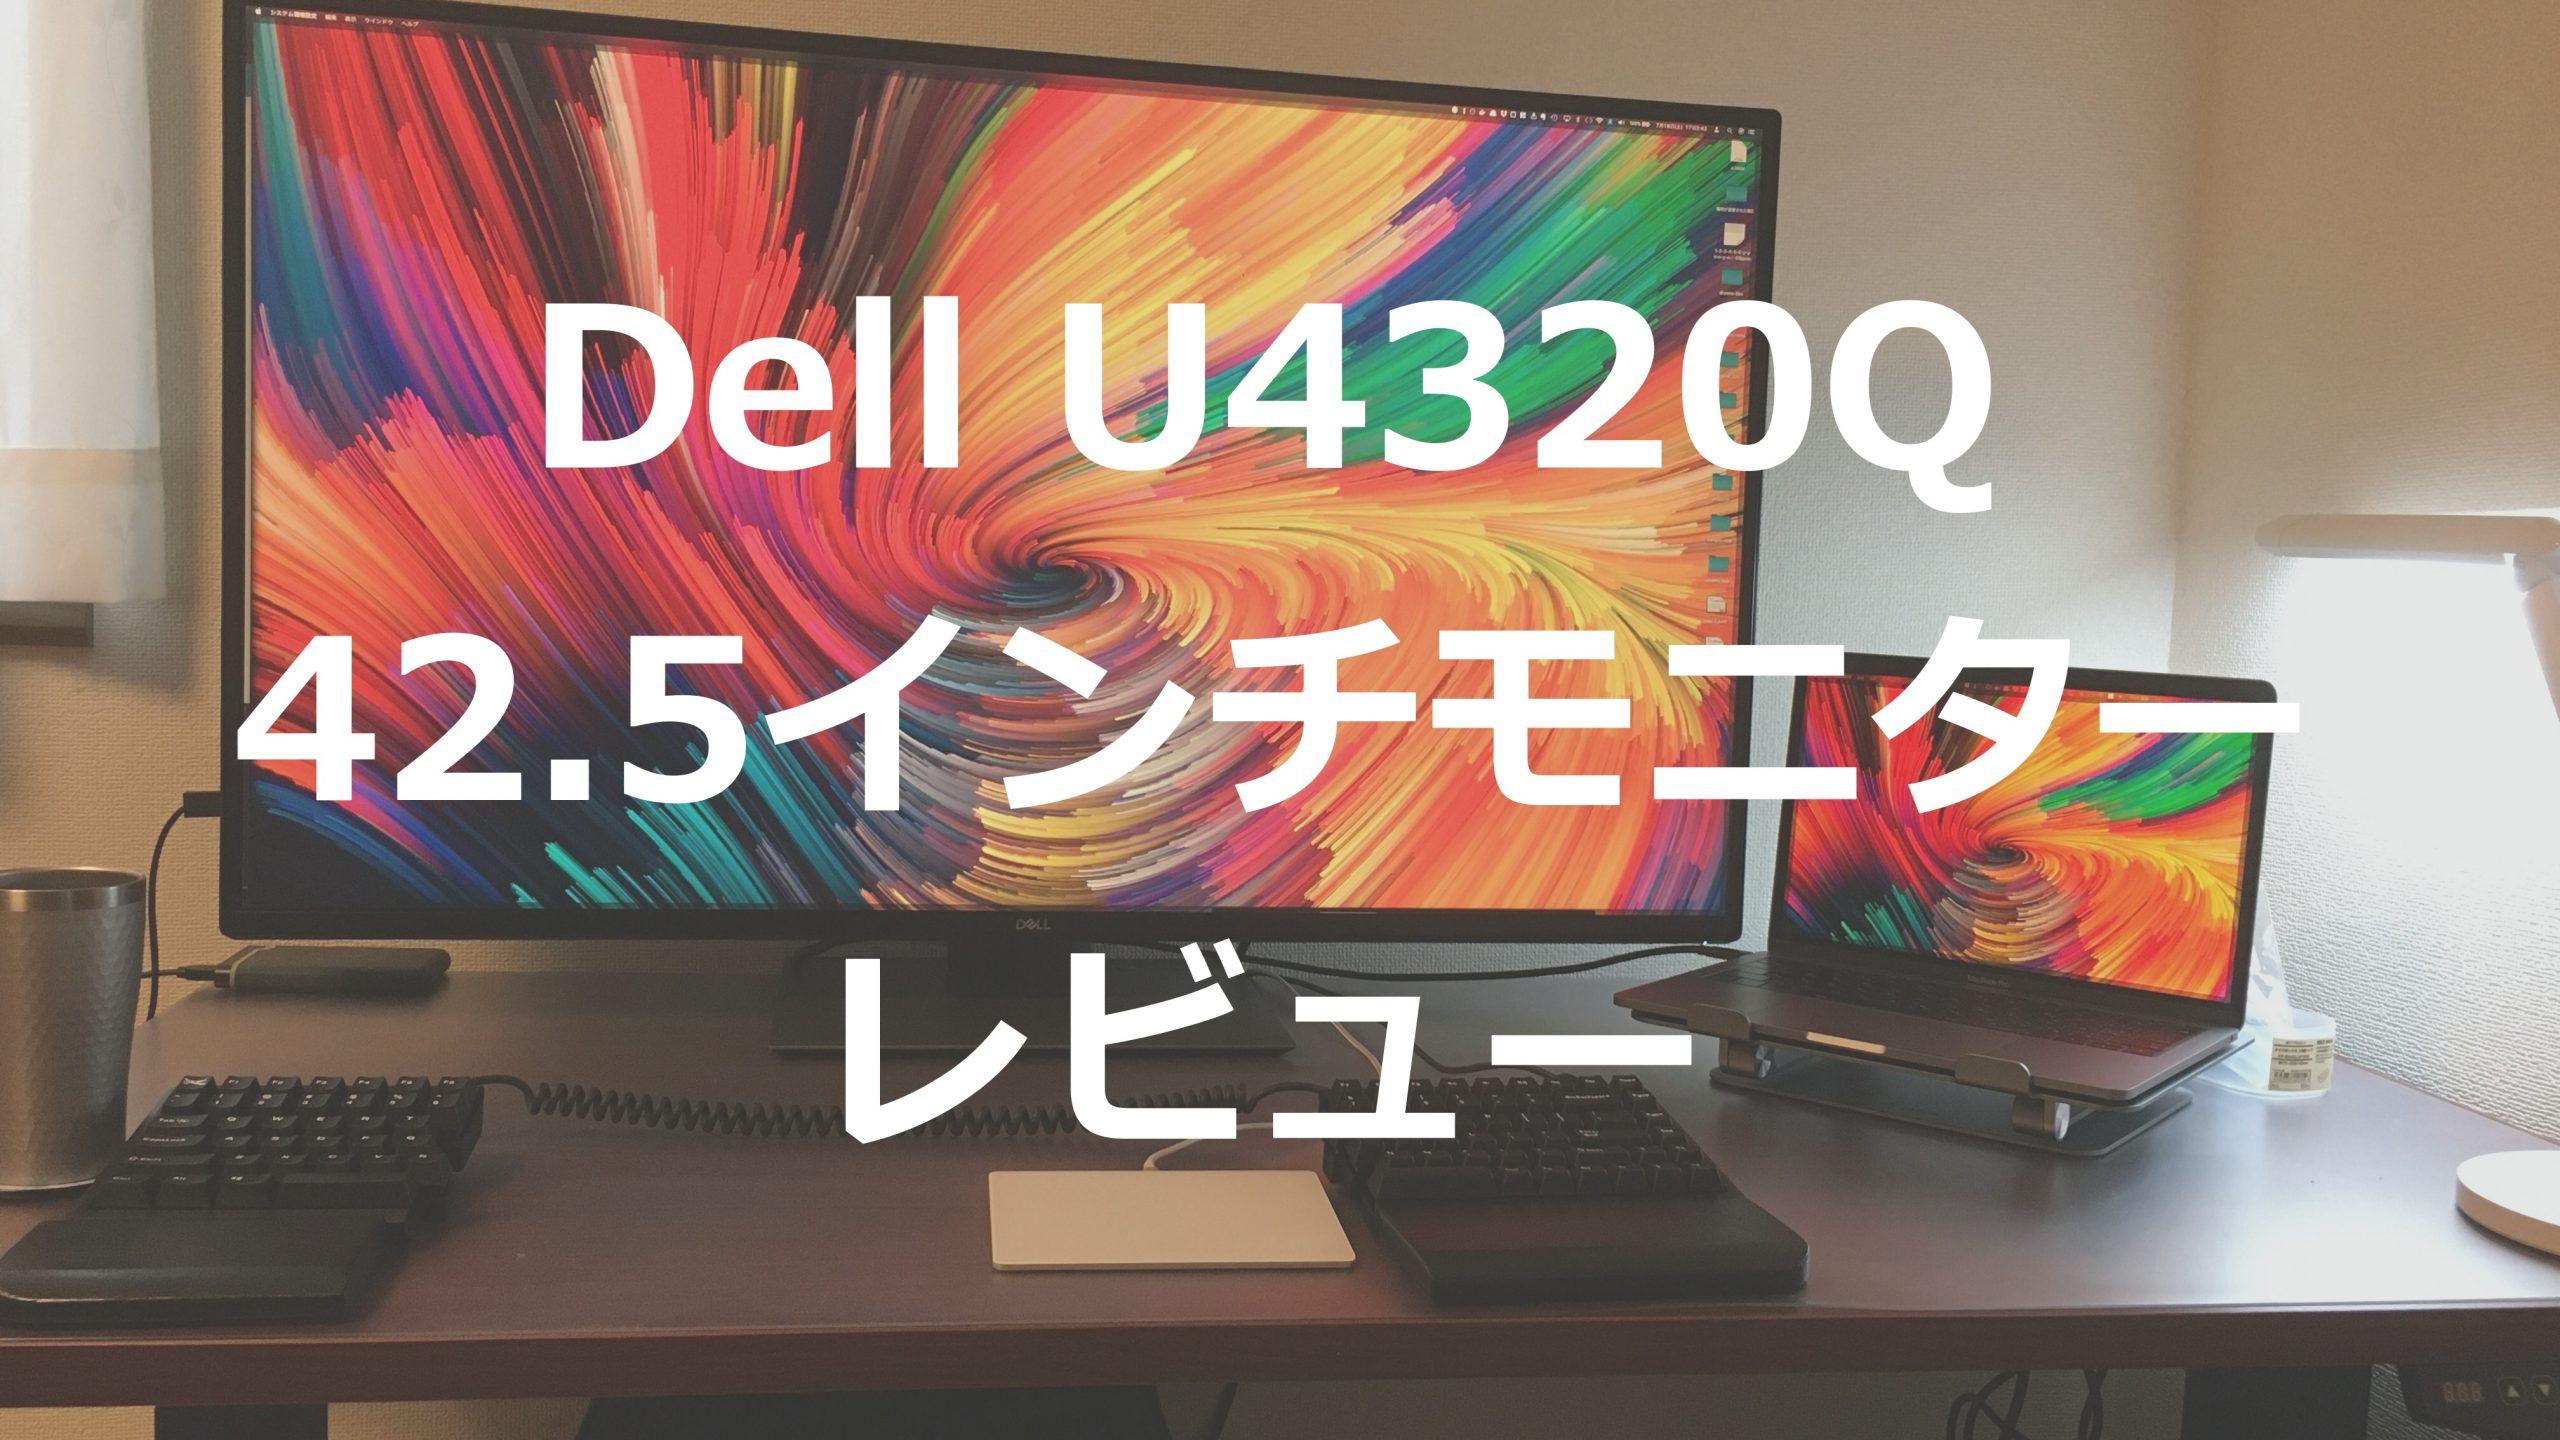 dell 4320q 42.5インチモニター